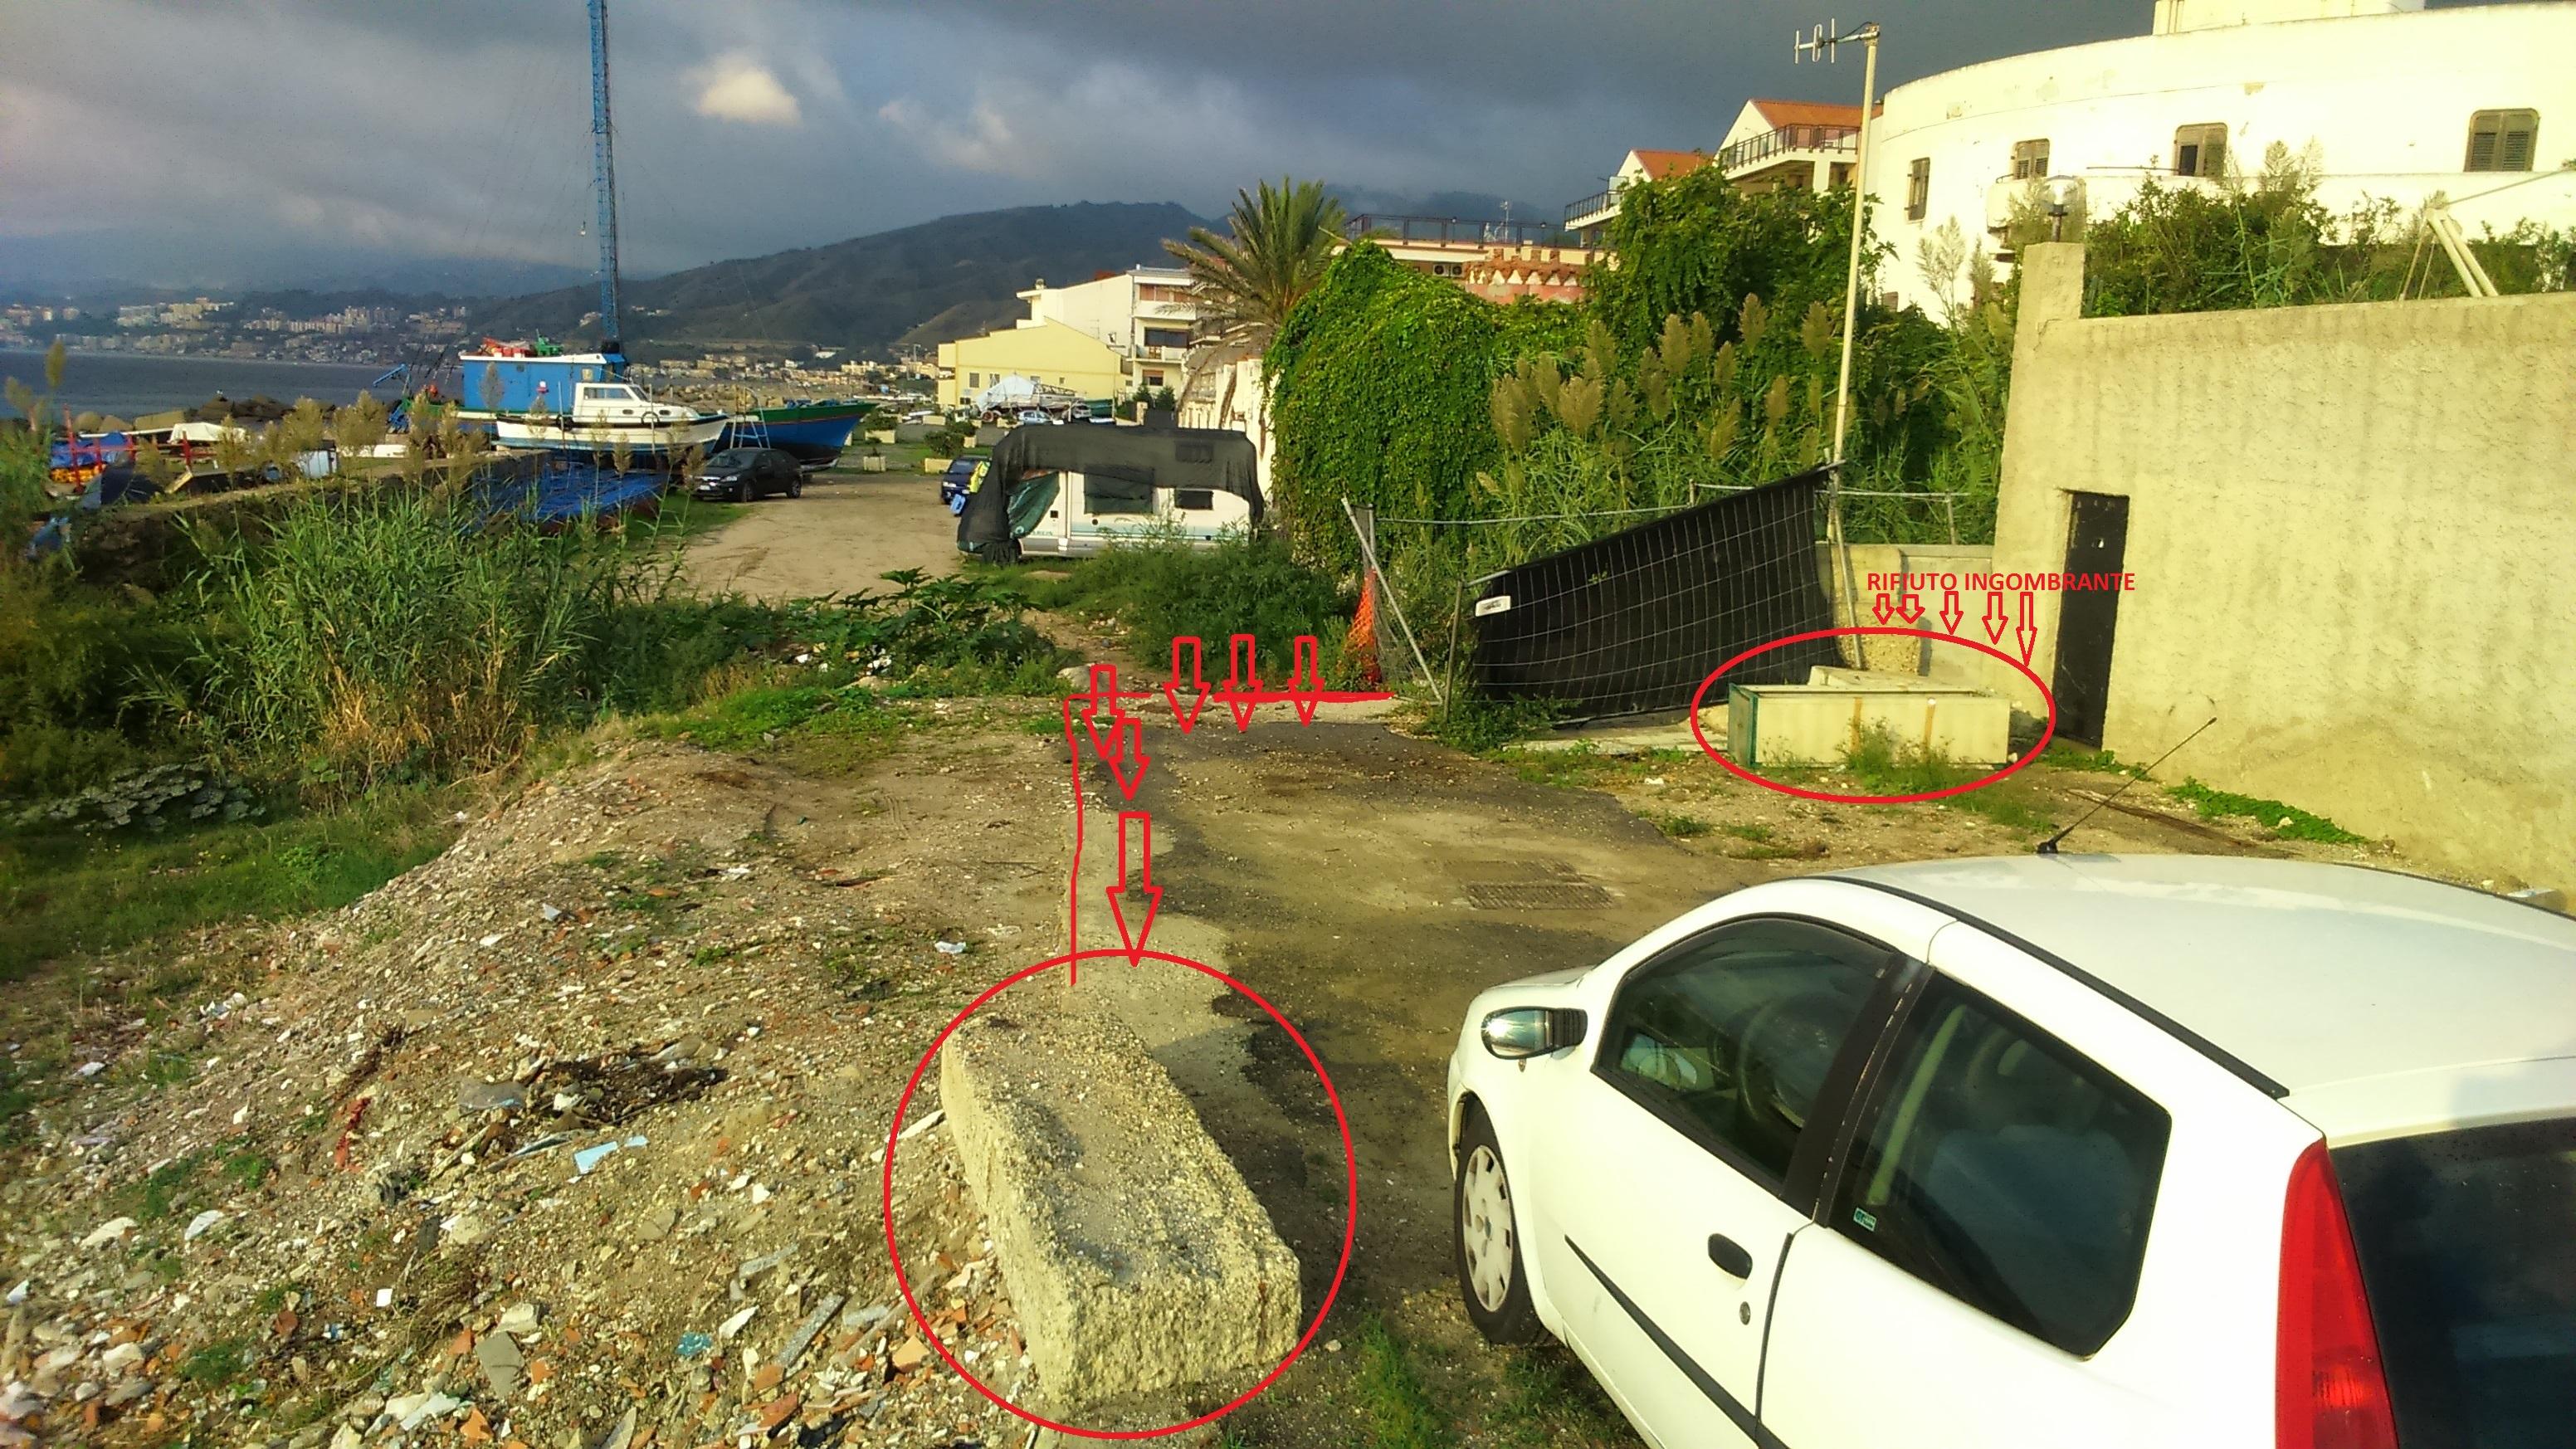 Foto di un rifiuto ingombrante abbandonato a Ganzirri - Messina